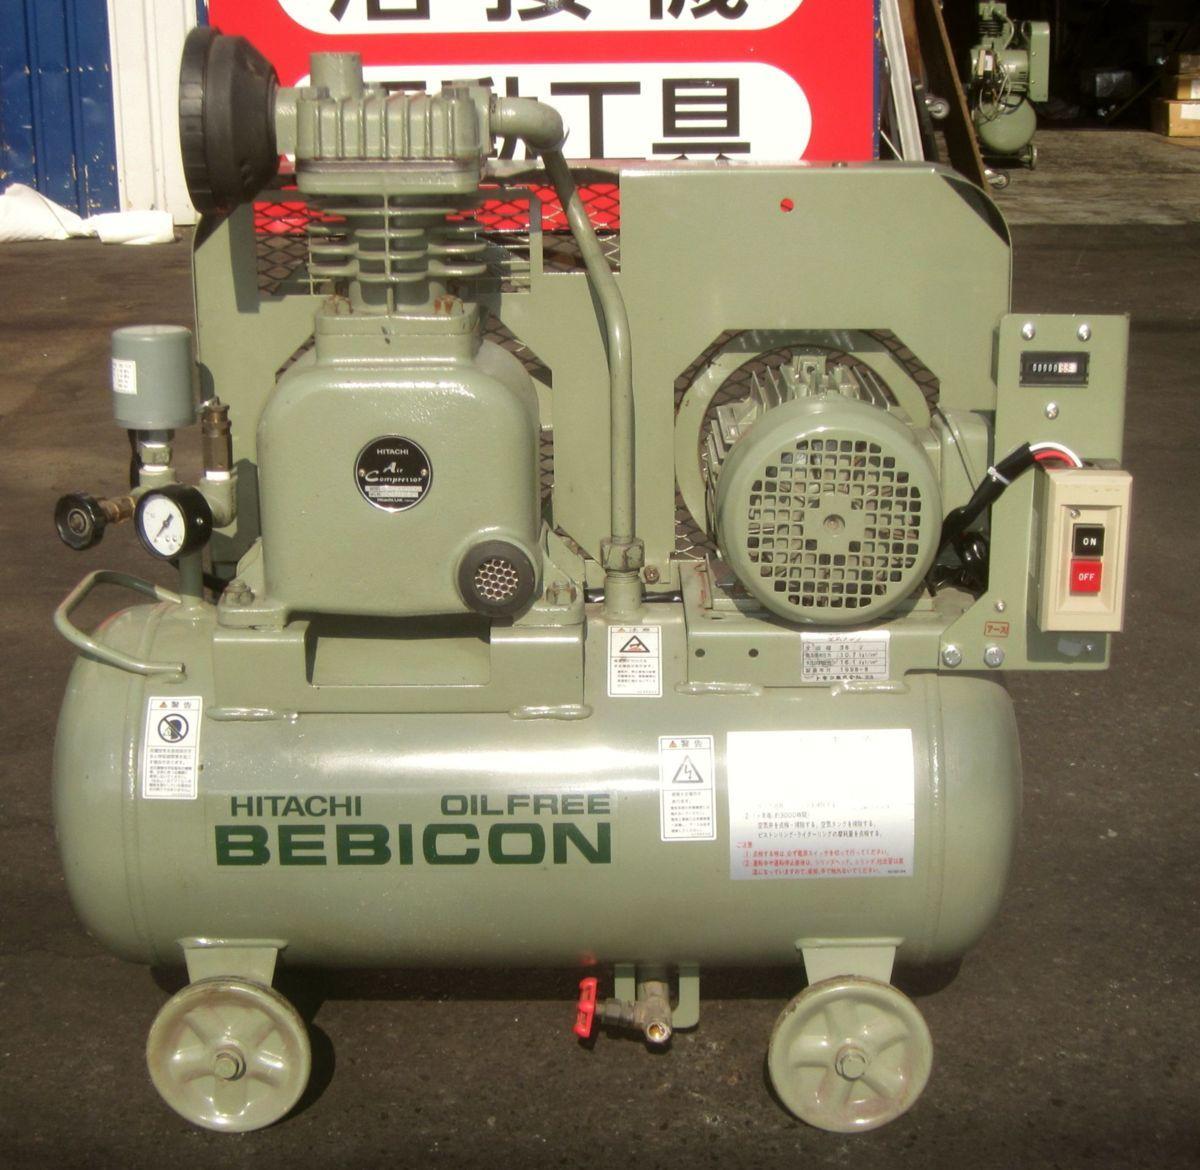 bin180907132232002 工場用コンプレッサーの買取